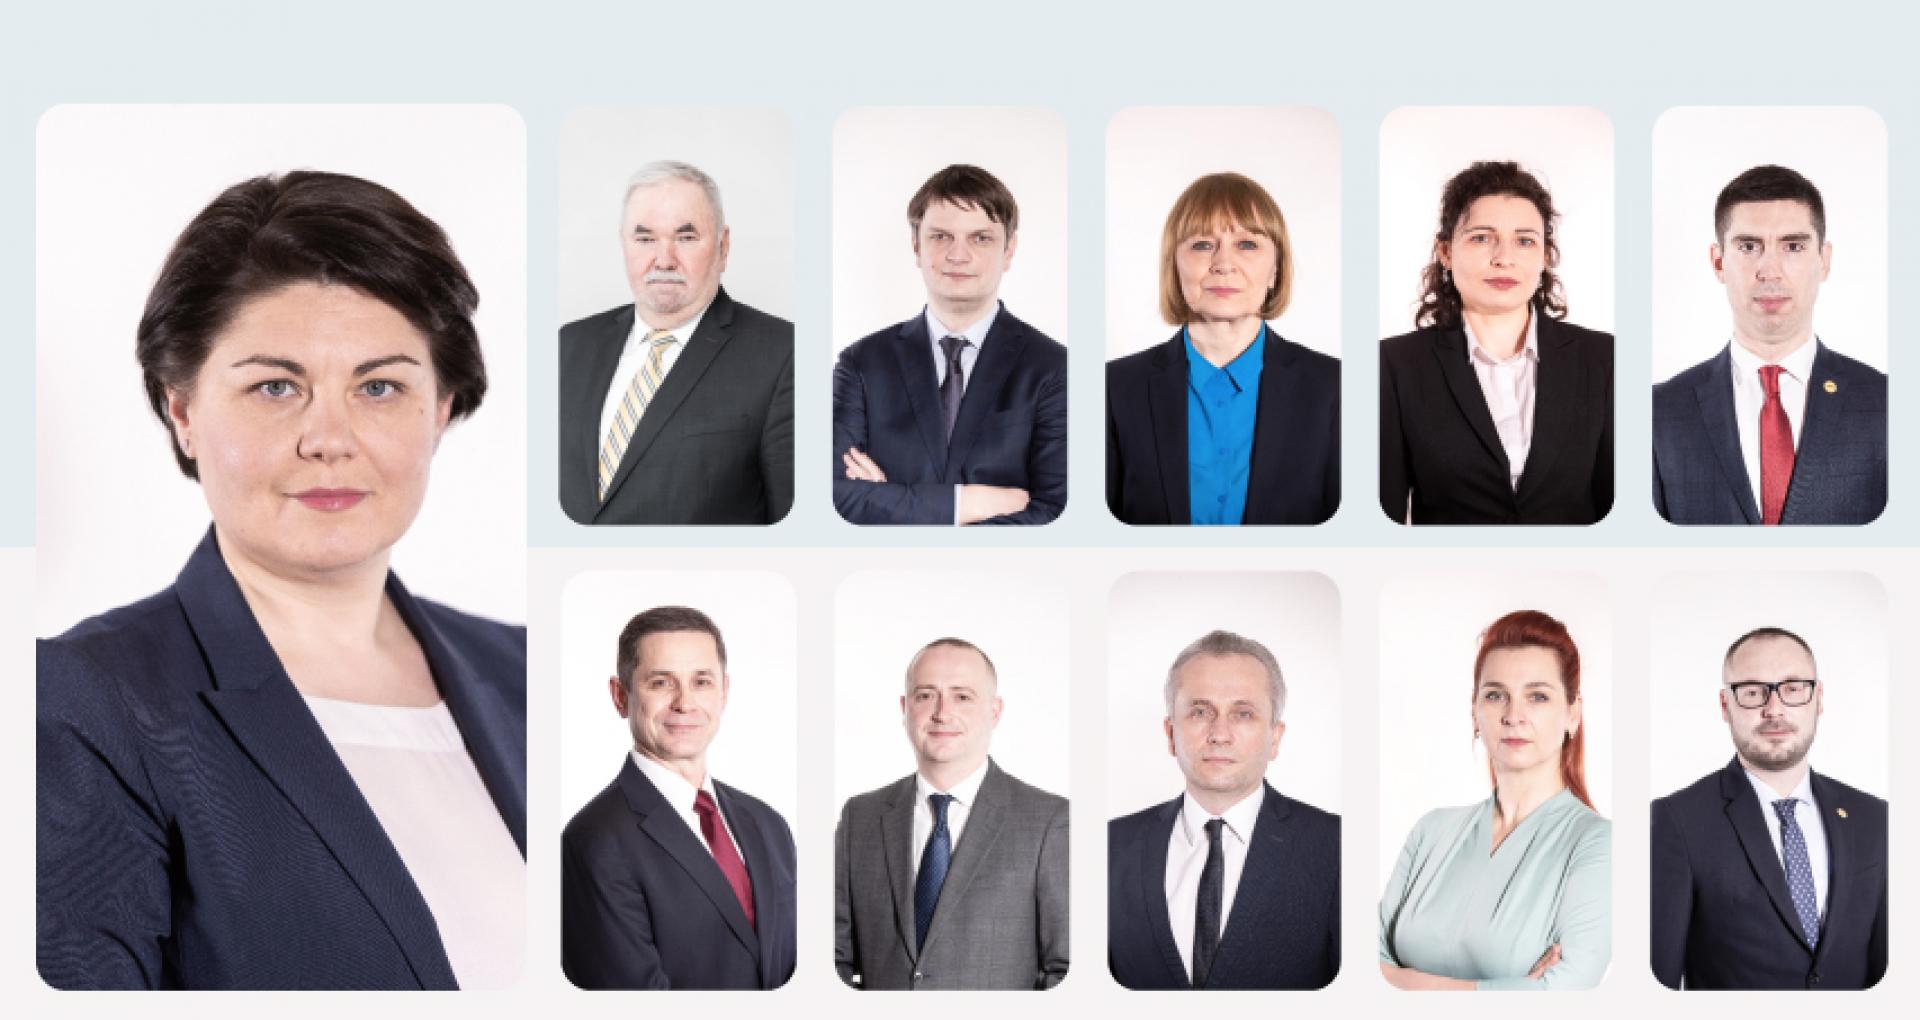 """ULTIMA ORĂ! Premierul desemnat, Natalia Gavrilița, nu a primit votul de încredere al Parlamentului: """"Zero voturi, felicitări"""". Ce urmează"""